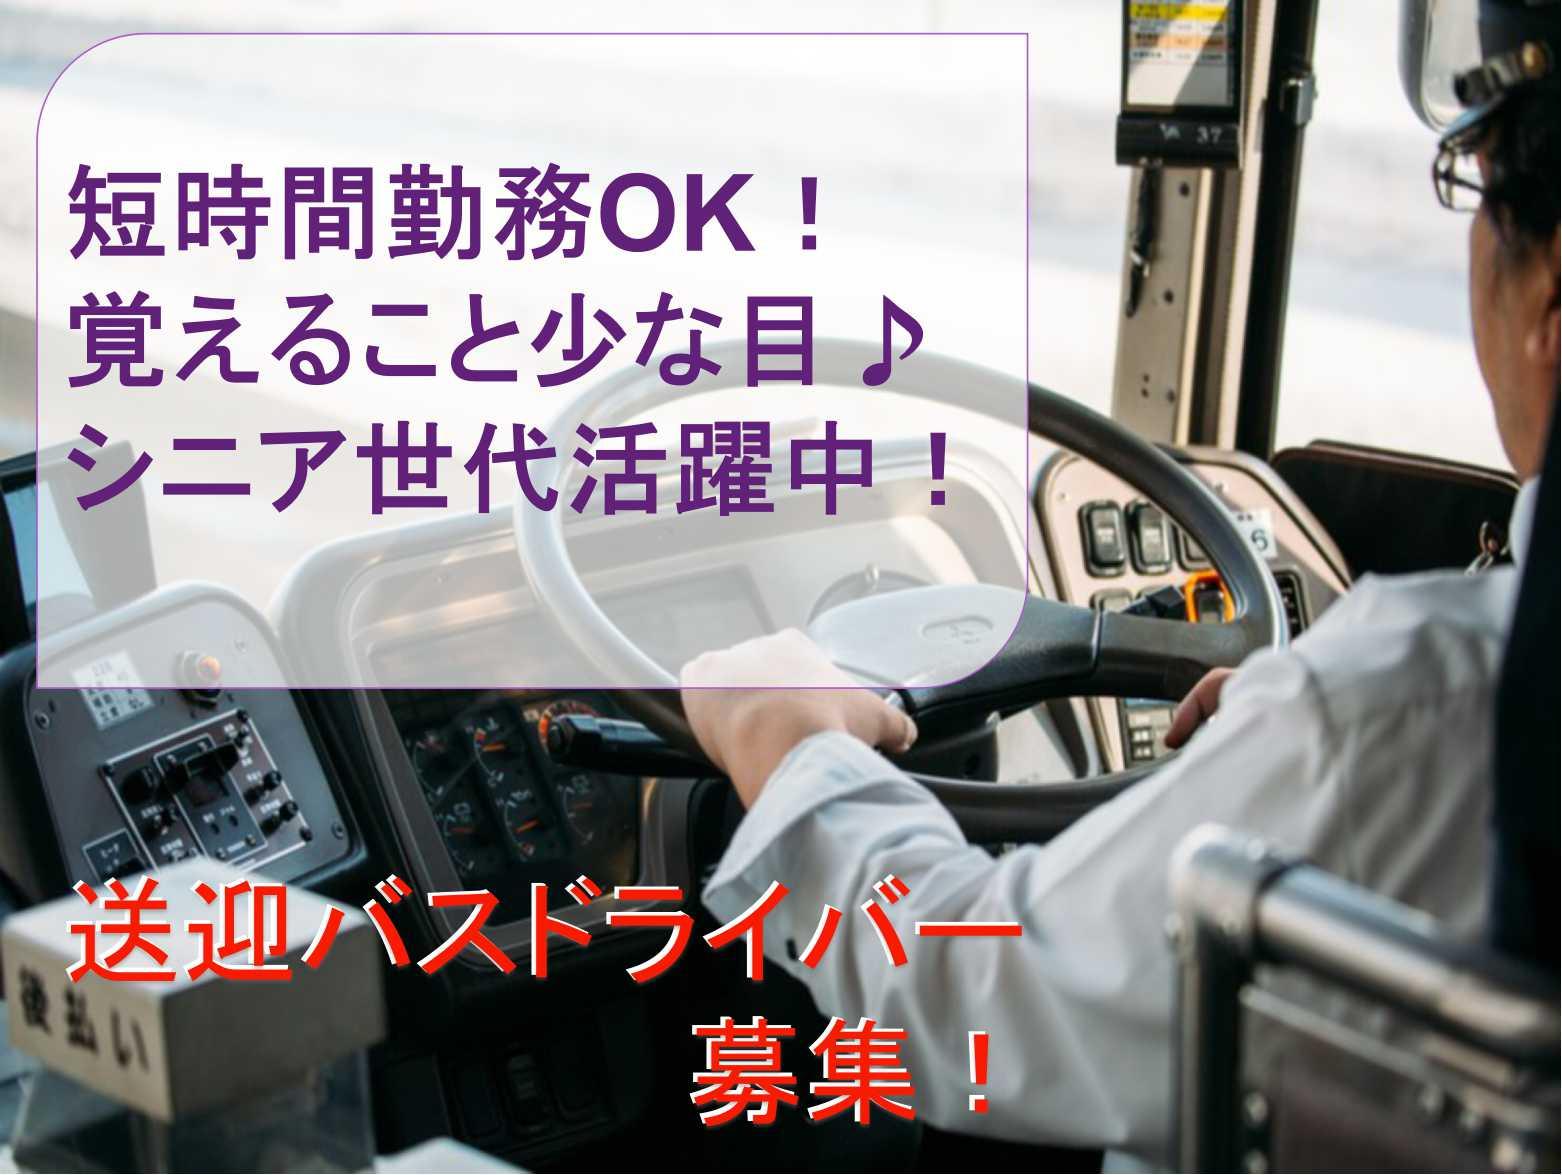 高時給1230円♪1日4時間~OK!★通勤バスドライバー【即面談可】 イメージ